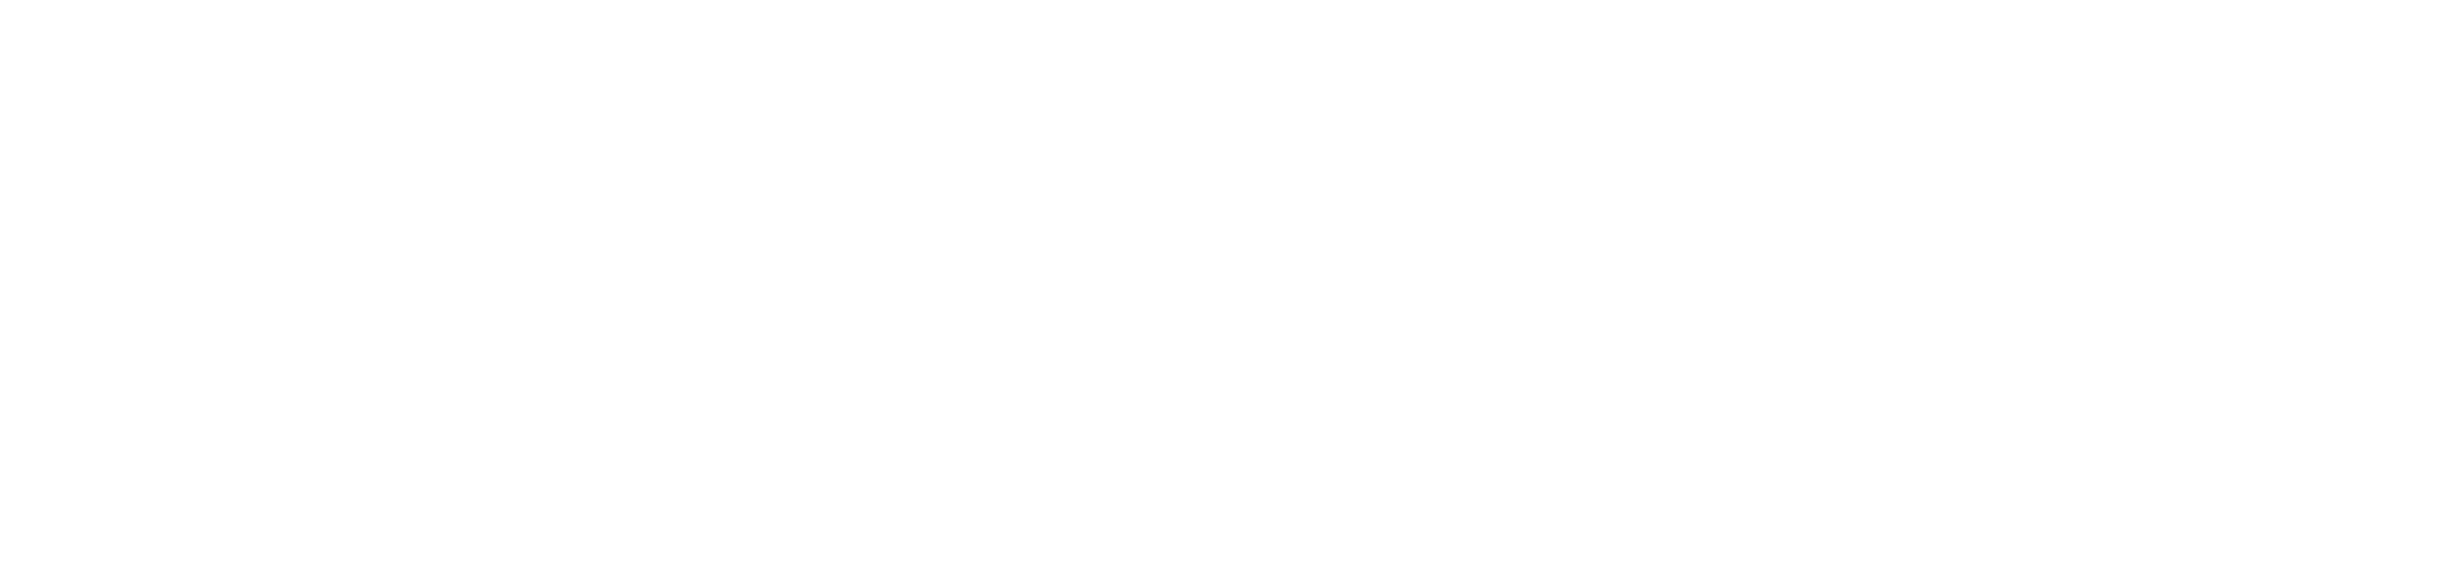 UN Women Íslensk Landsnefnd